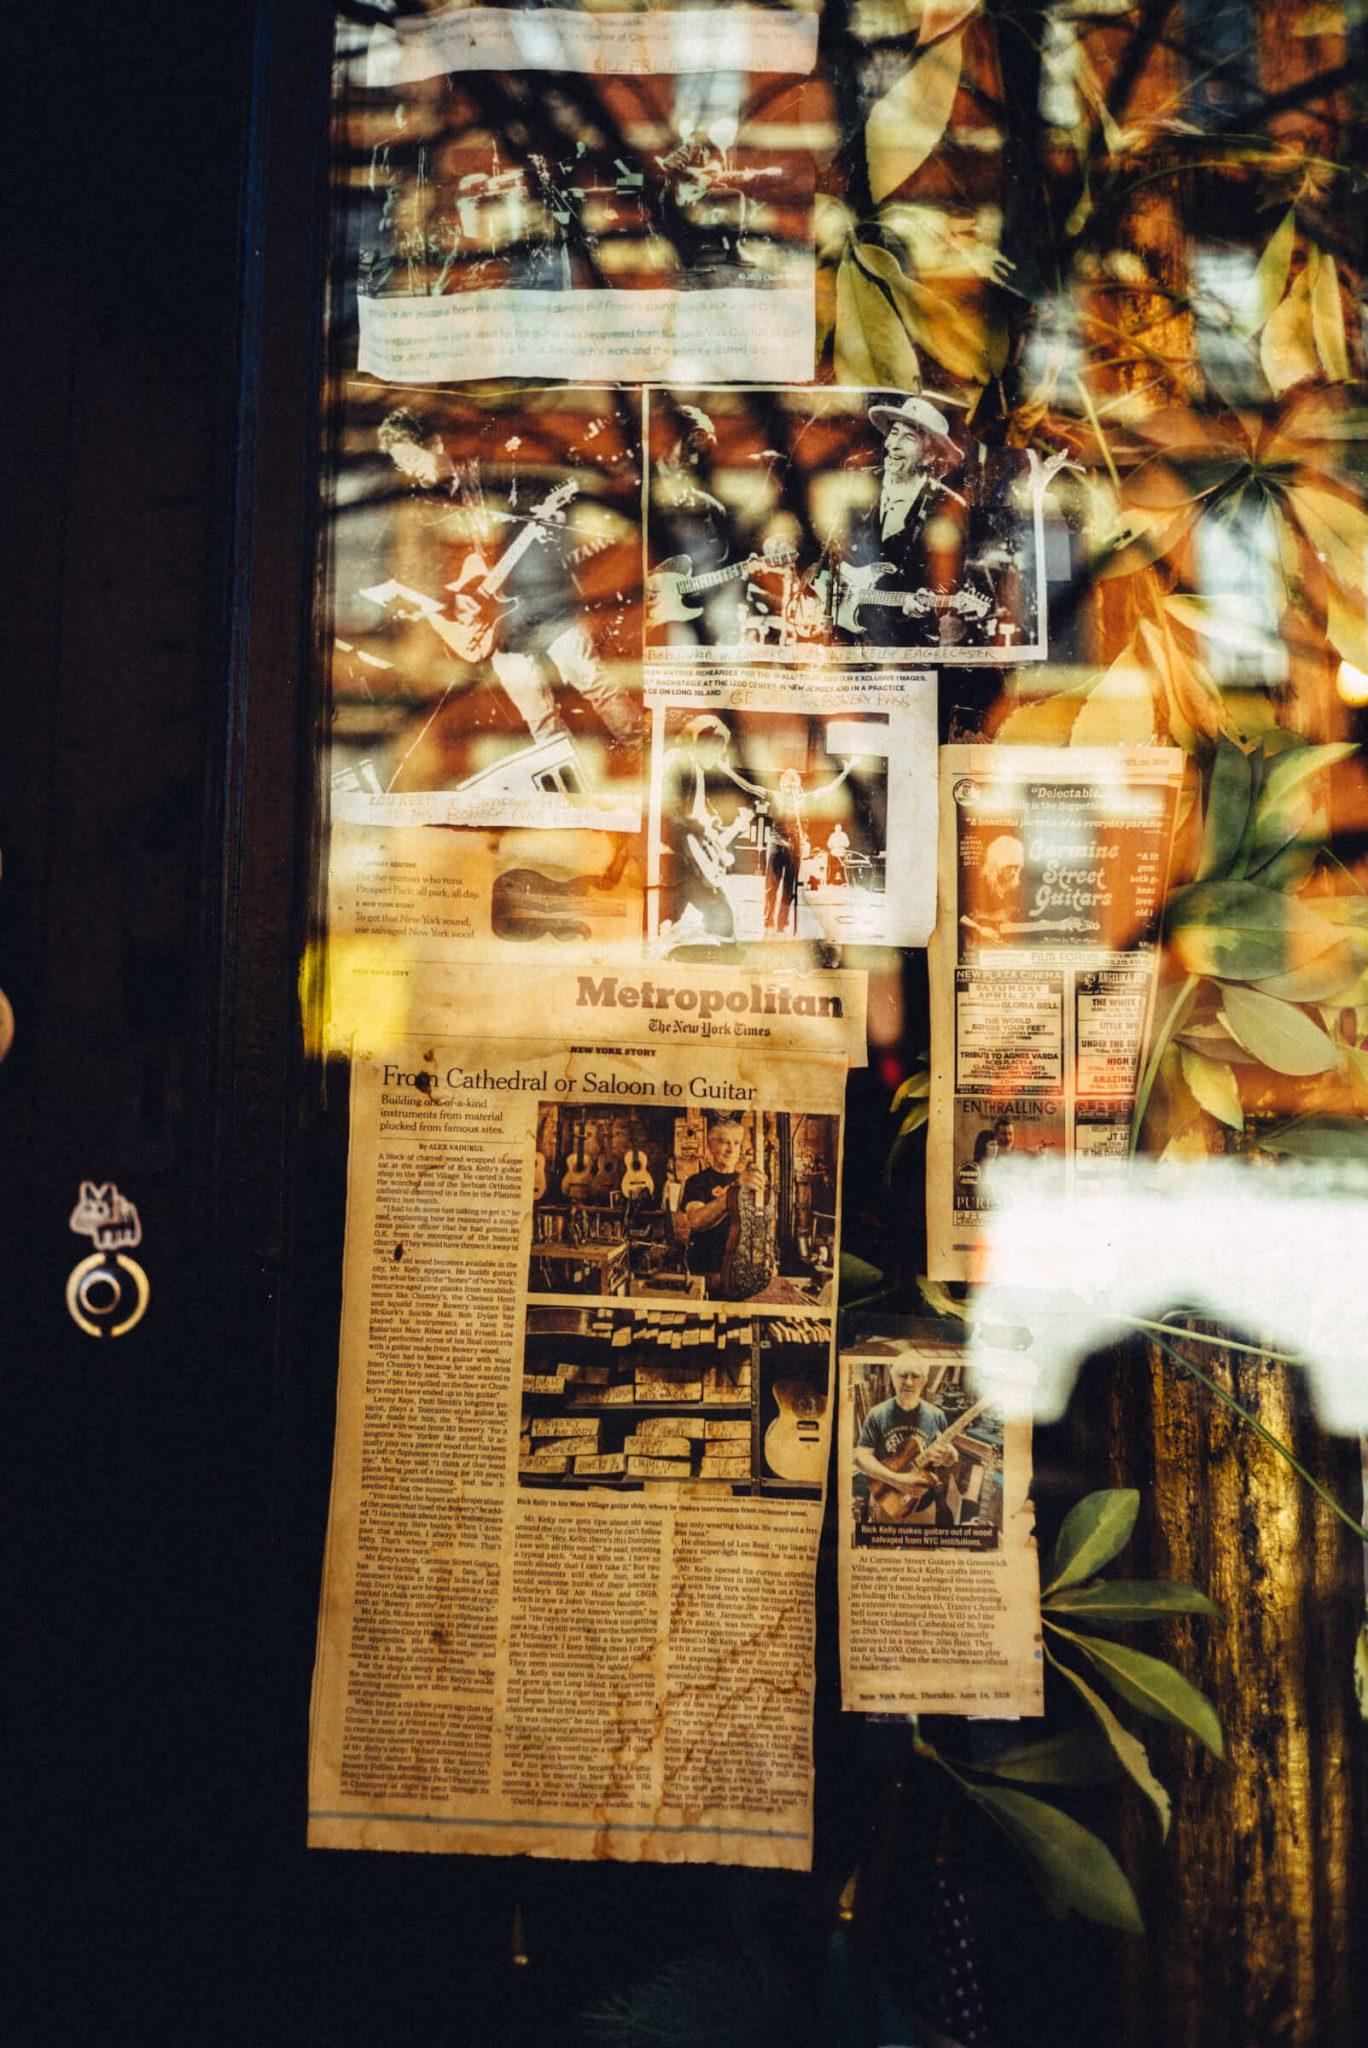 19_1520_AT_CarmineStreetGuitars-1440x2156 歴史が染みついた建築物でギターを作る「Carmine Street Guitars」ギター職人の工房と、シティの限られた行き先